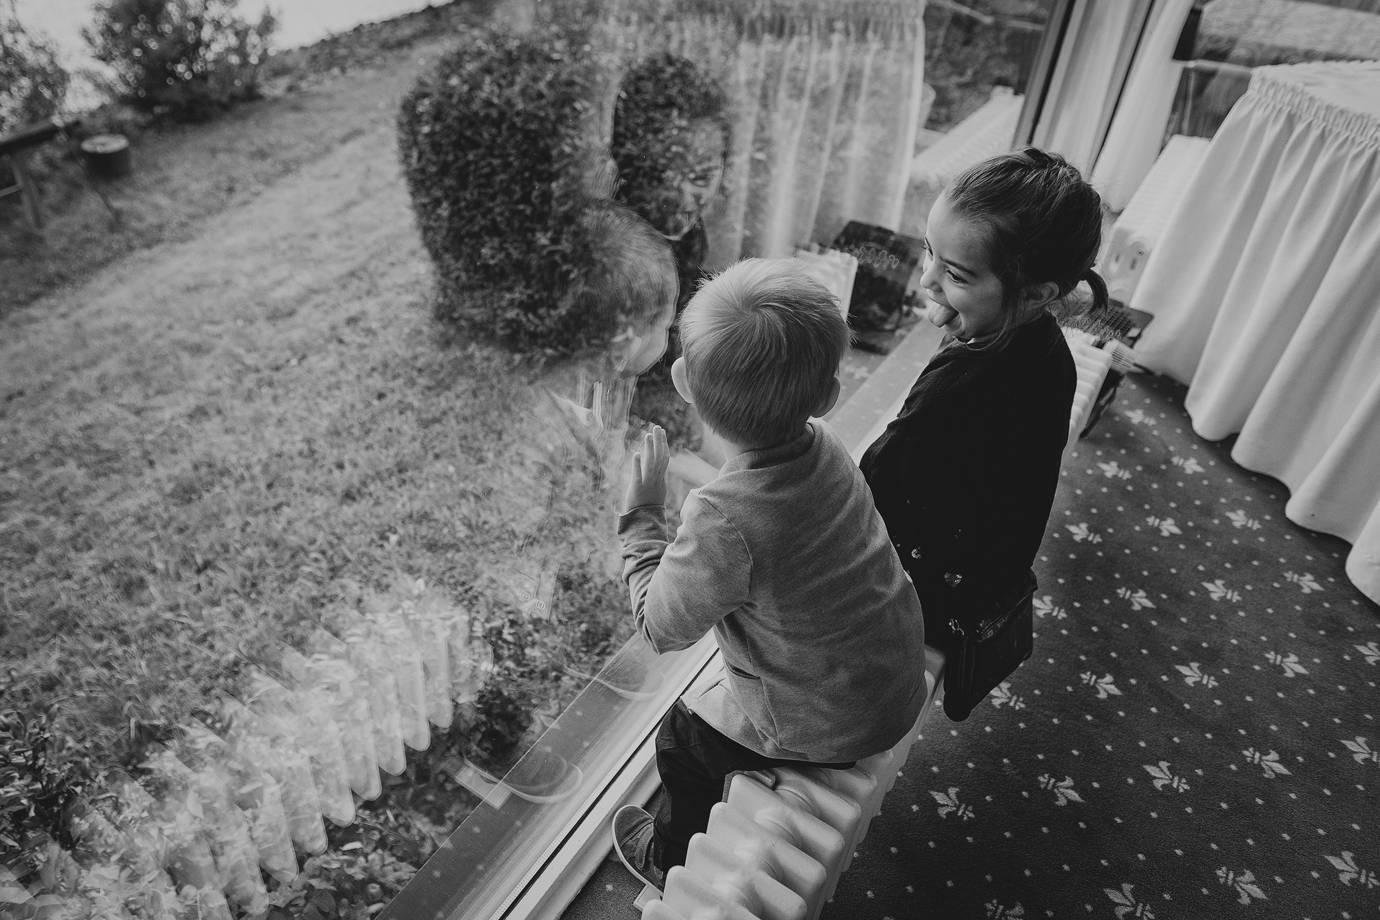 hochzeitsfotograf bremen 204 - Yvonne+Markus